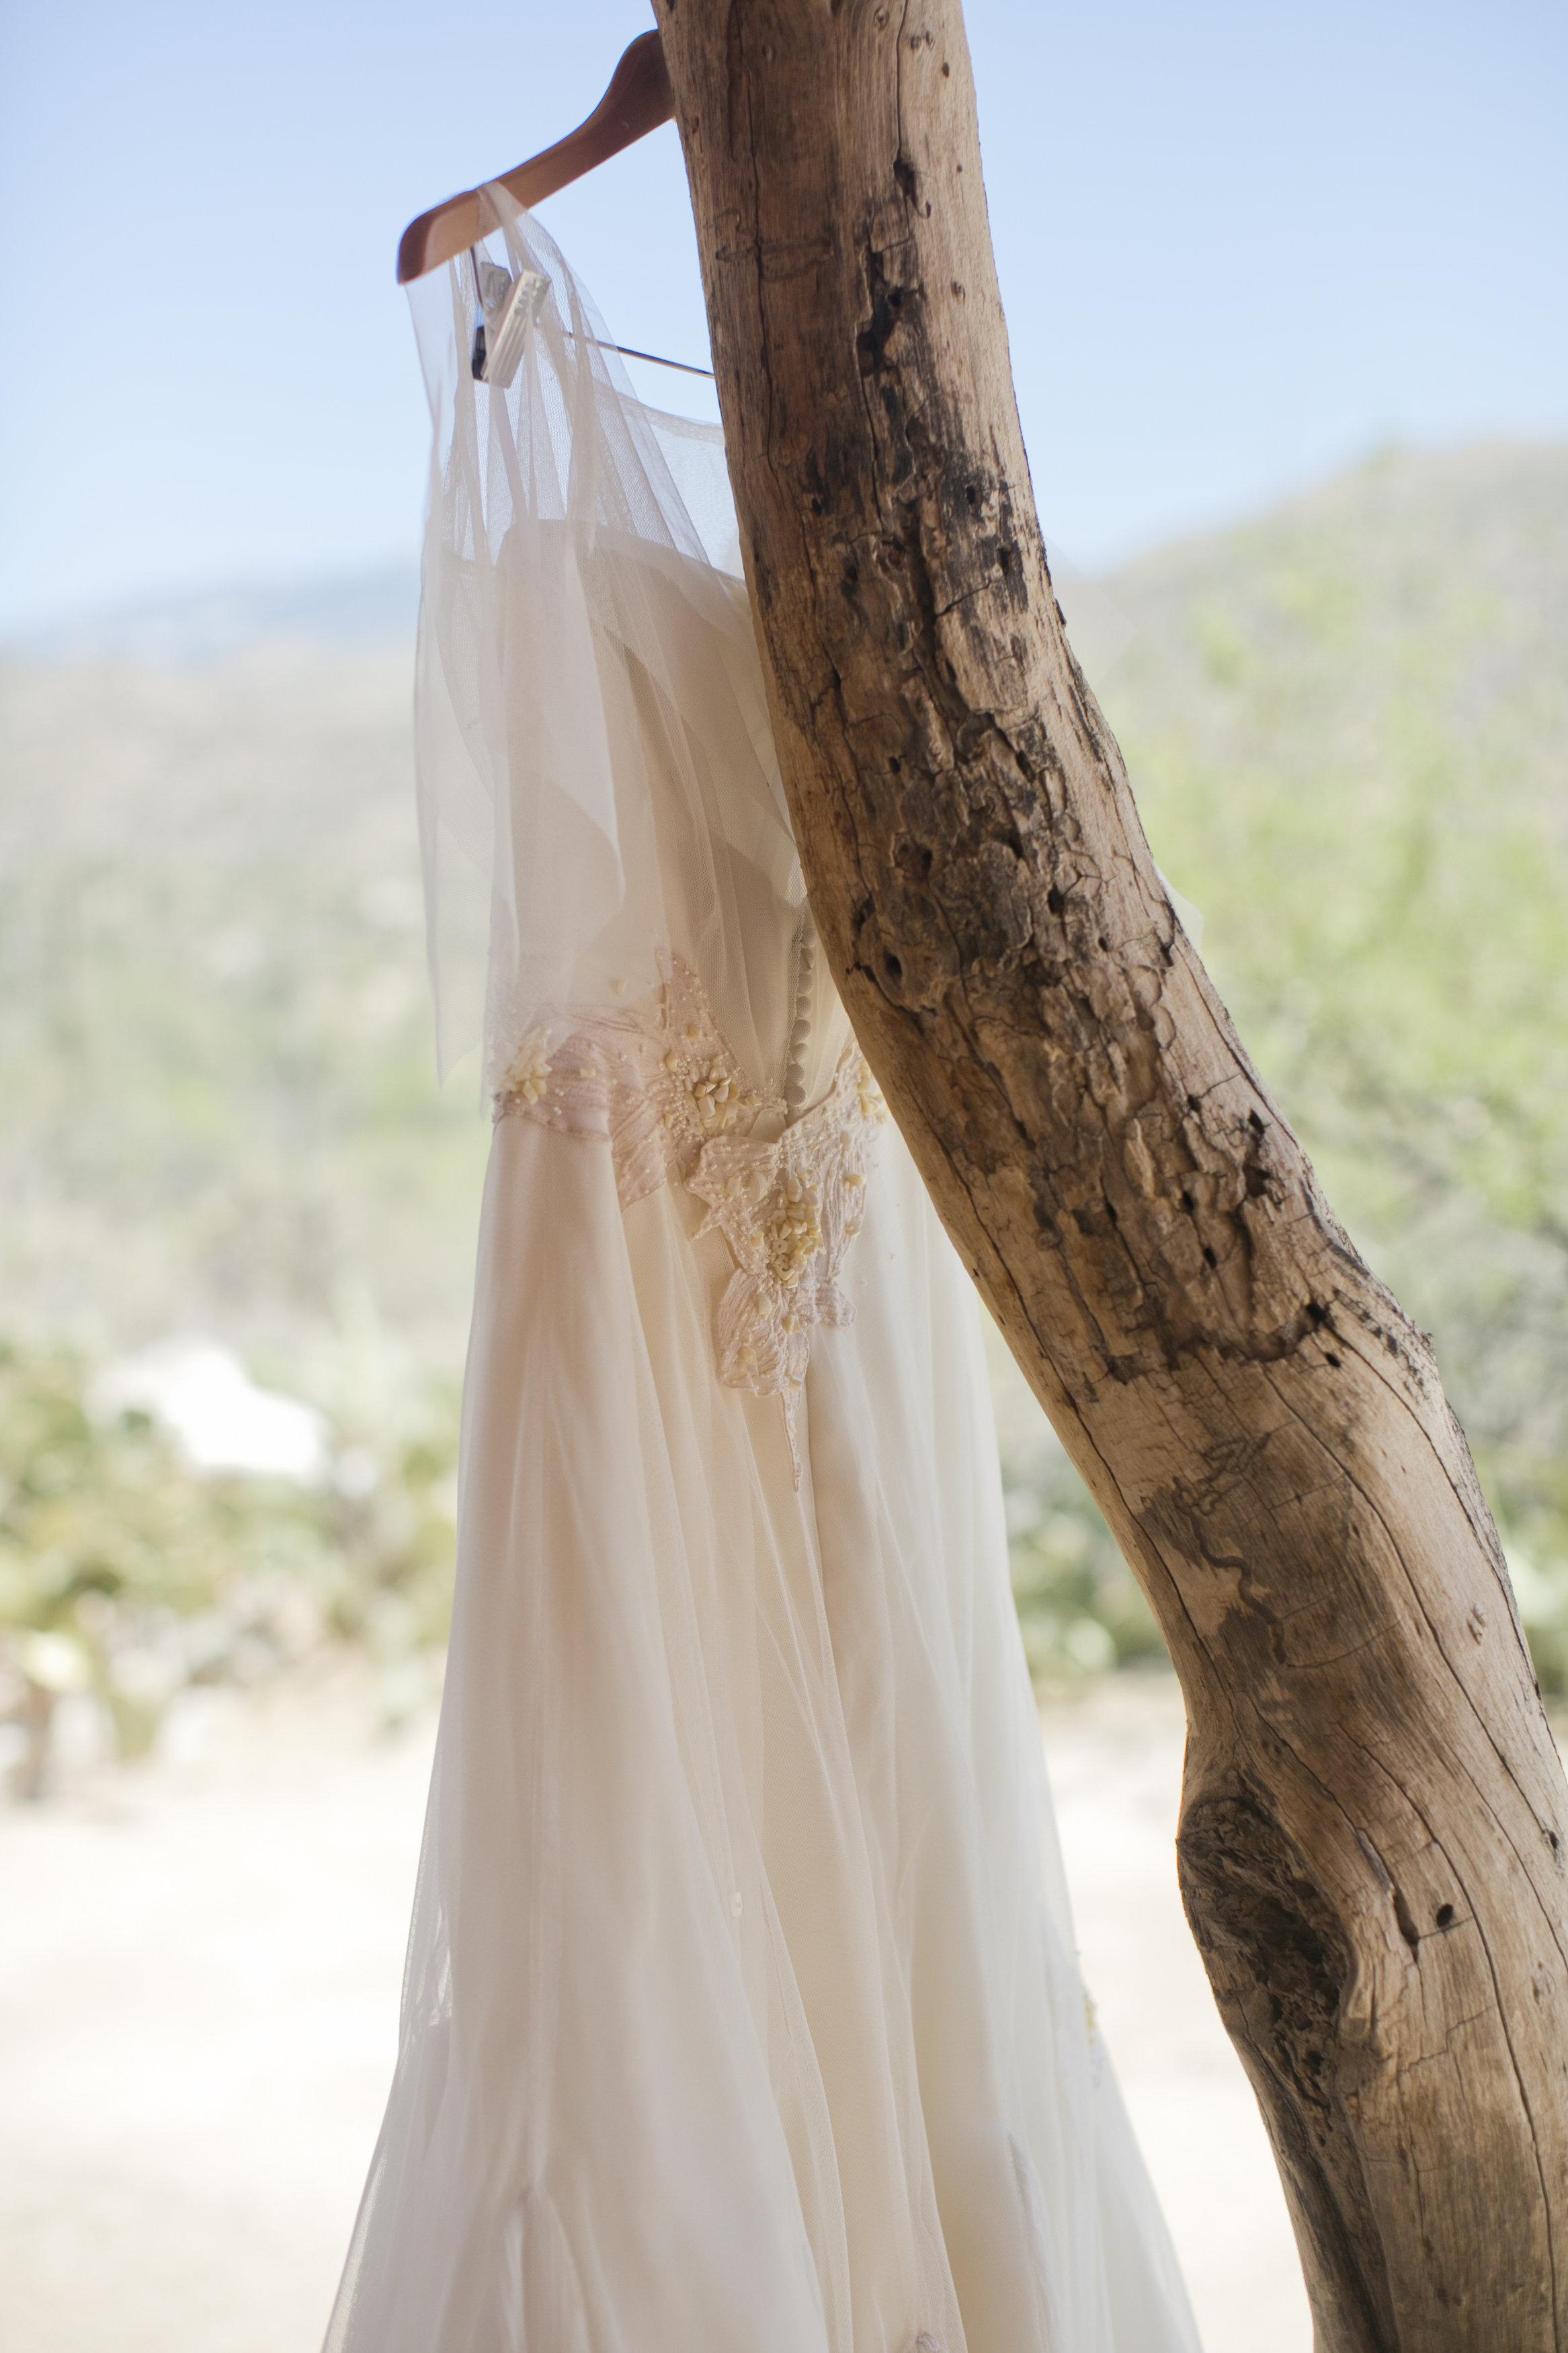 Ceci_New_York_Ceci_Style_Ceci_Johnson_Luxury_Lifestyle_Arizona_Wedding_Watercolor_Inspiration_Design_Custom_Couture_Personalized_Invitations_15.jpg